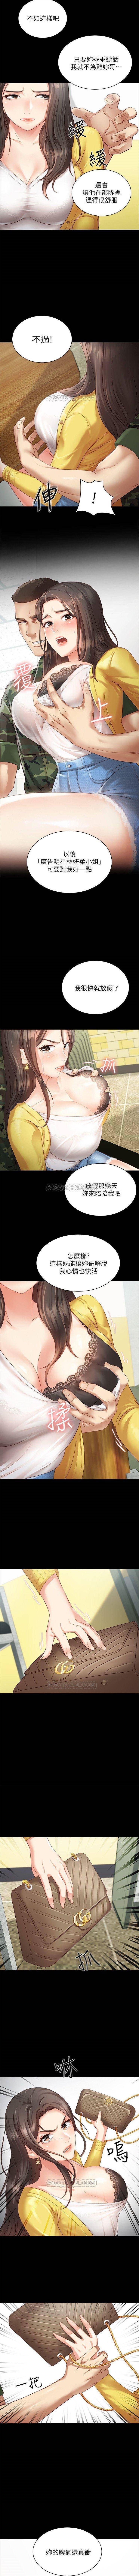 妹妹的義務 1-38 官方中文(連載中) 21